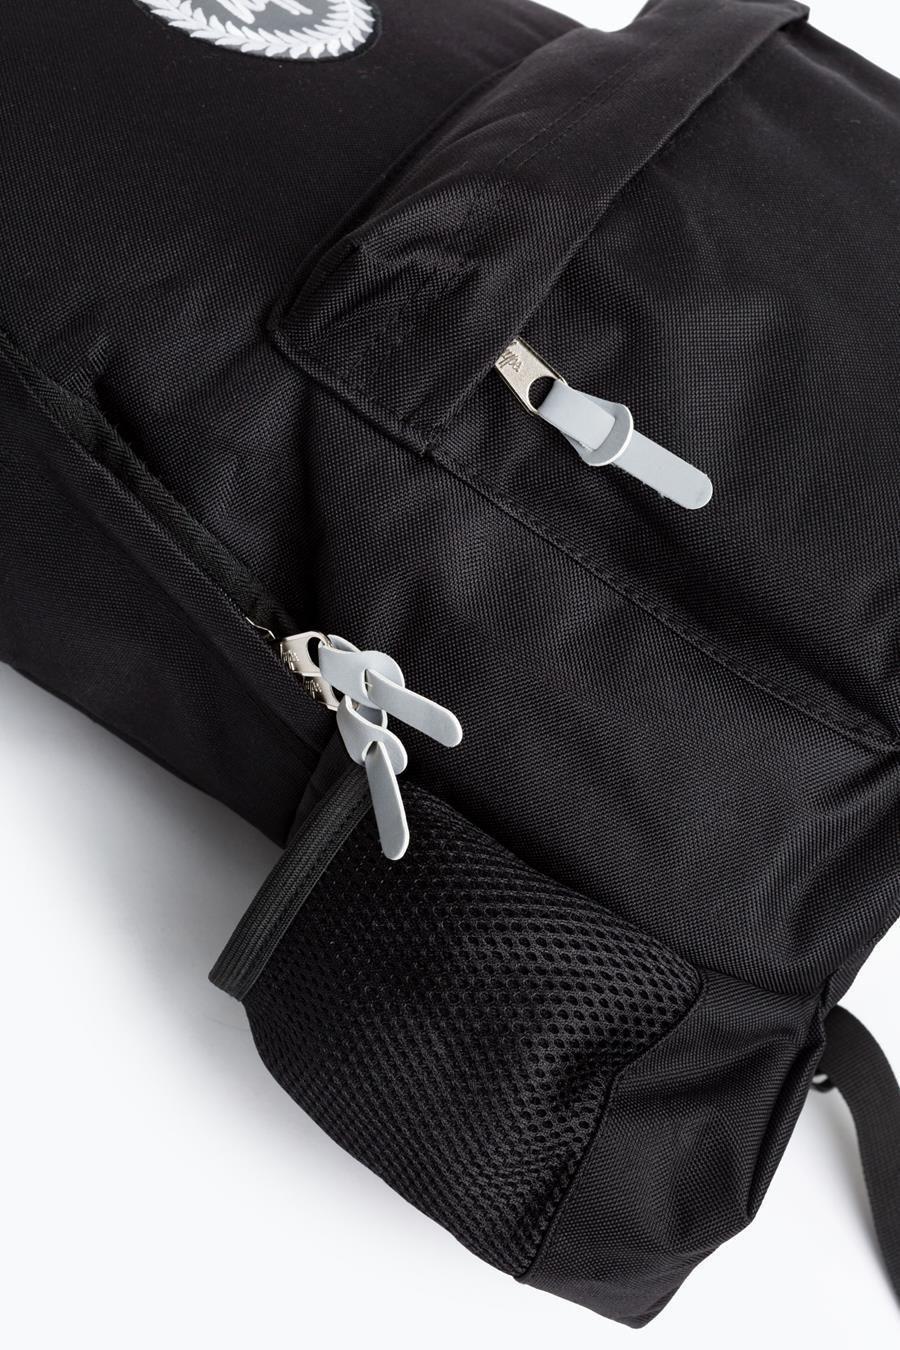 Hype Black Crest Bottle Backpack